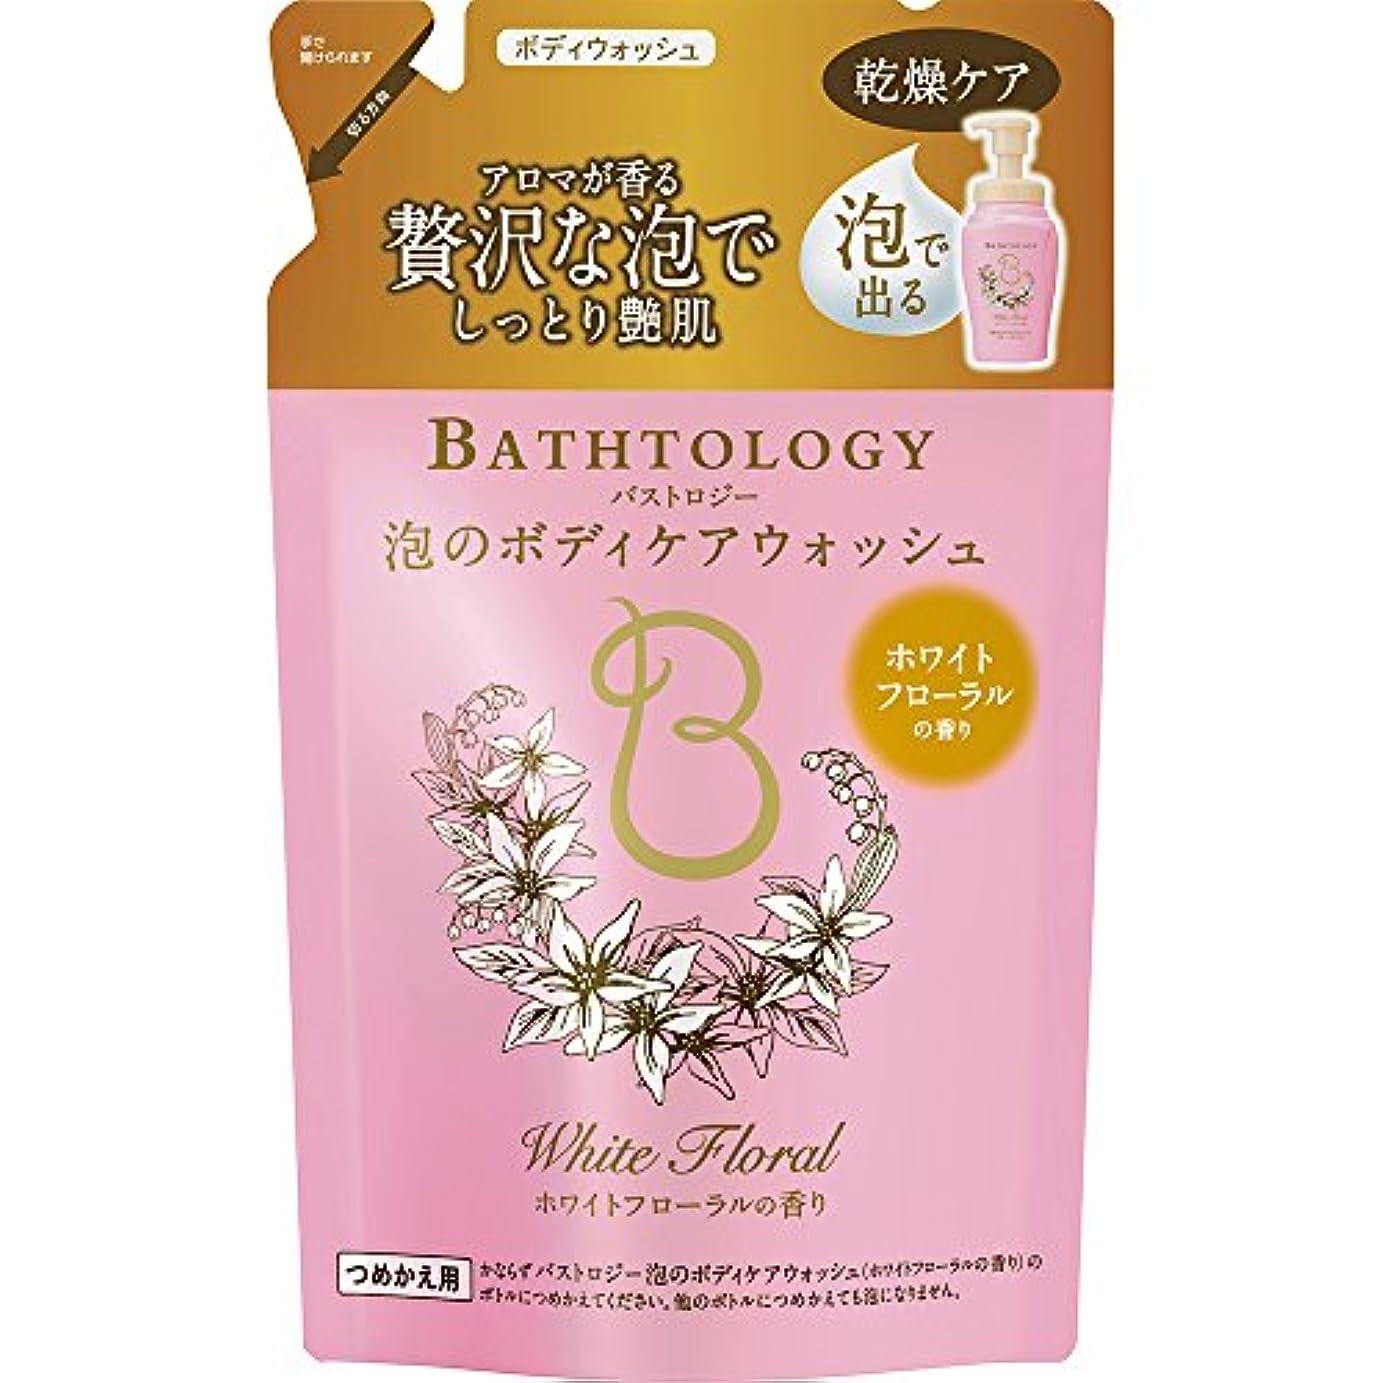 電気解放する混合BATHTOLOGY 泡のボディケアウォッシュ ホワイトフローラルの香り 詰め替え 350ml